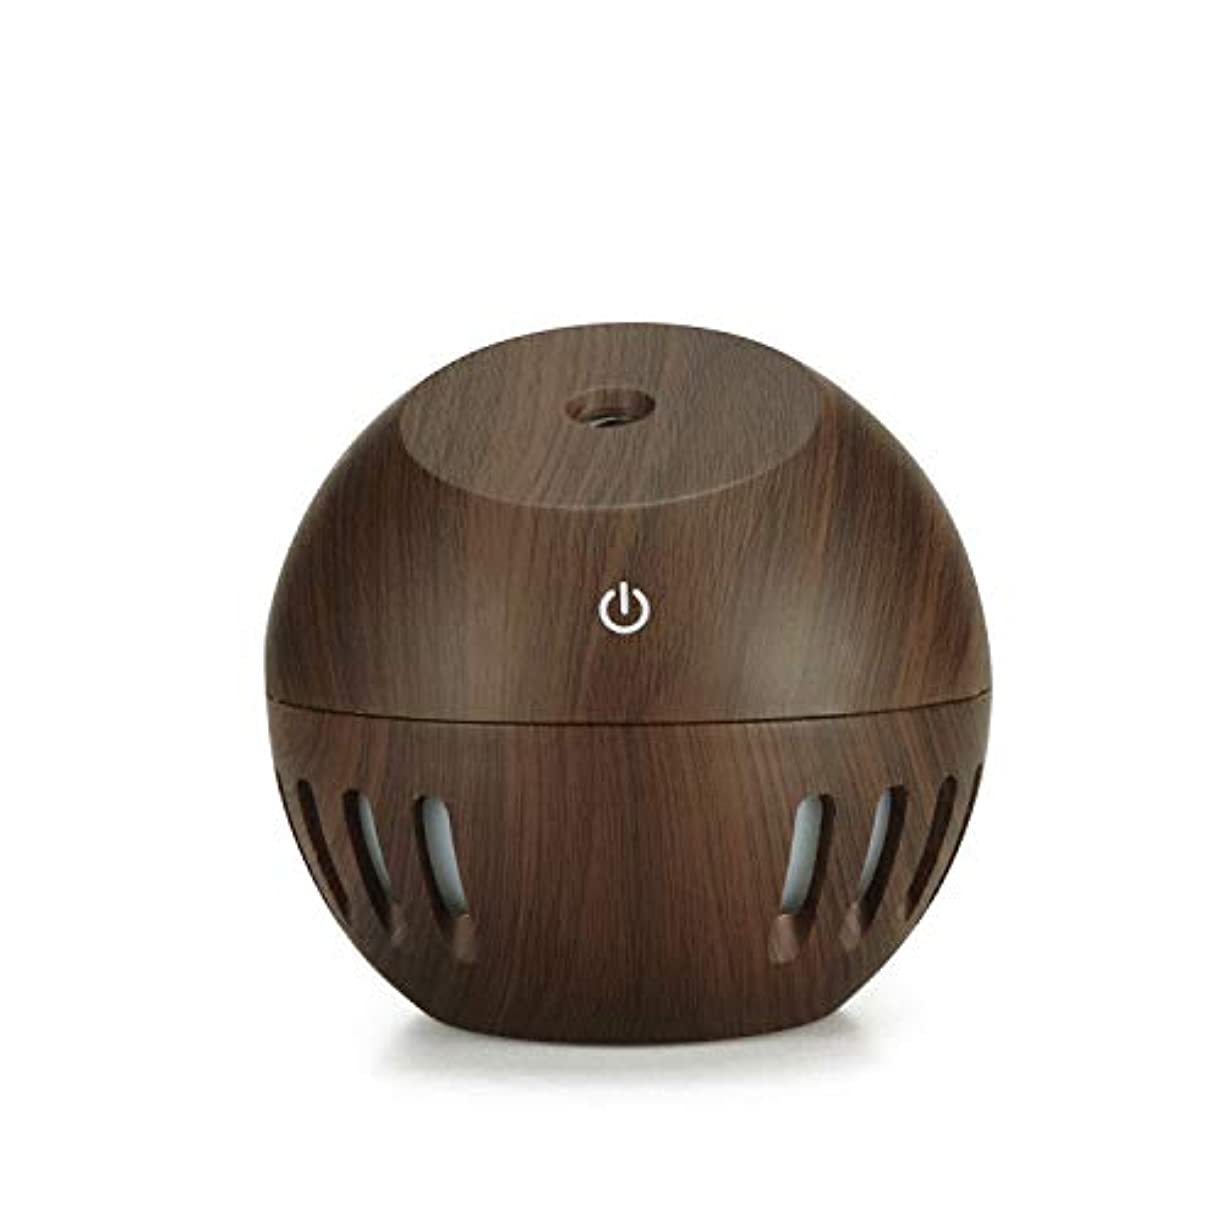 省マーガレットミッチェル貫入130ml Essential Oils Diffuser Electric Cool Mist Aroma Diffuser For Home, Yoga, Bedroom